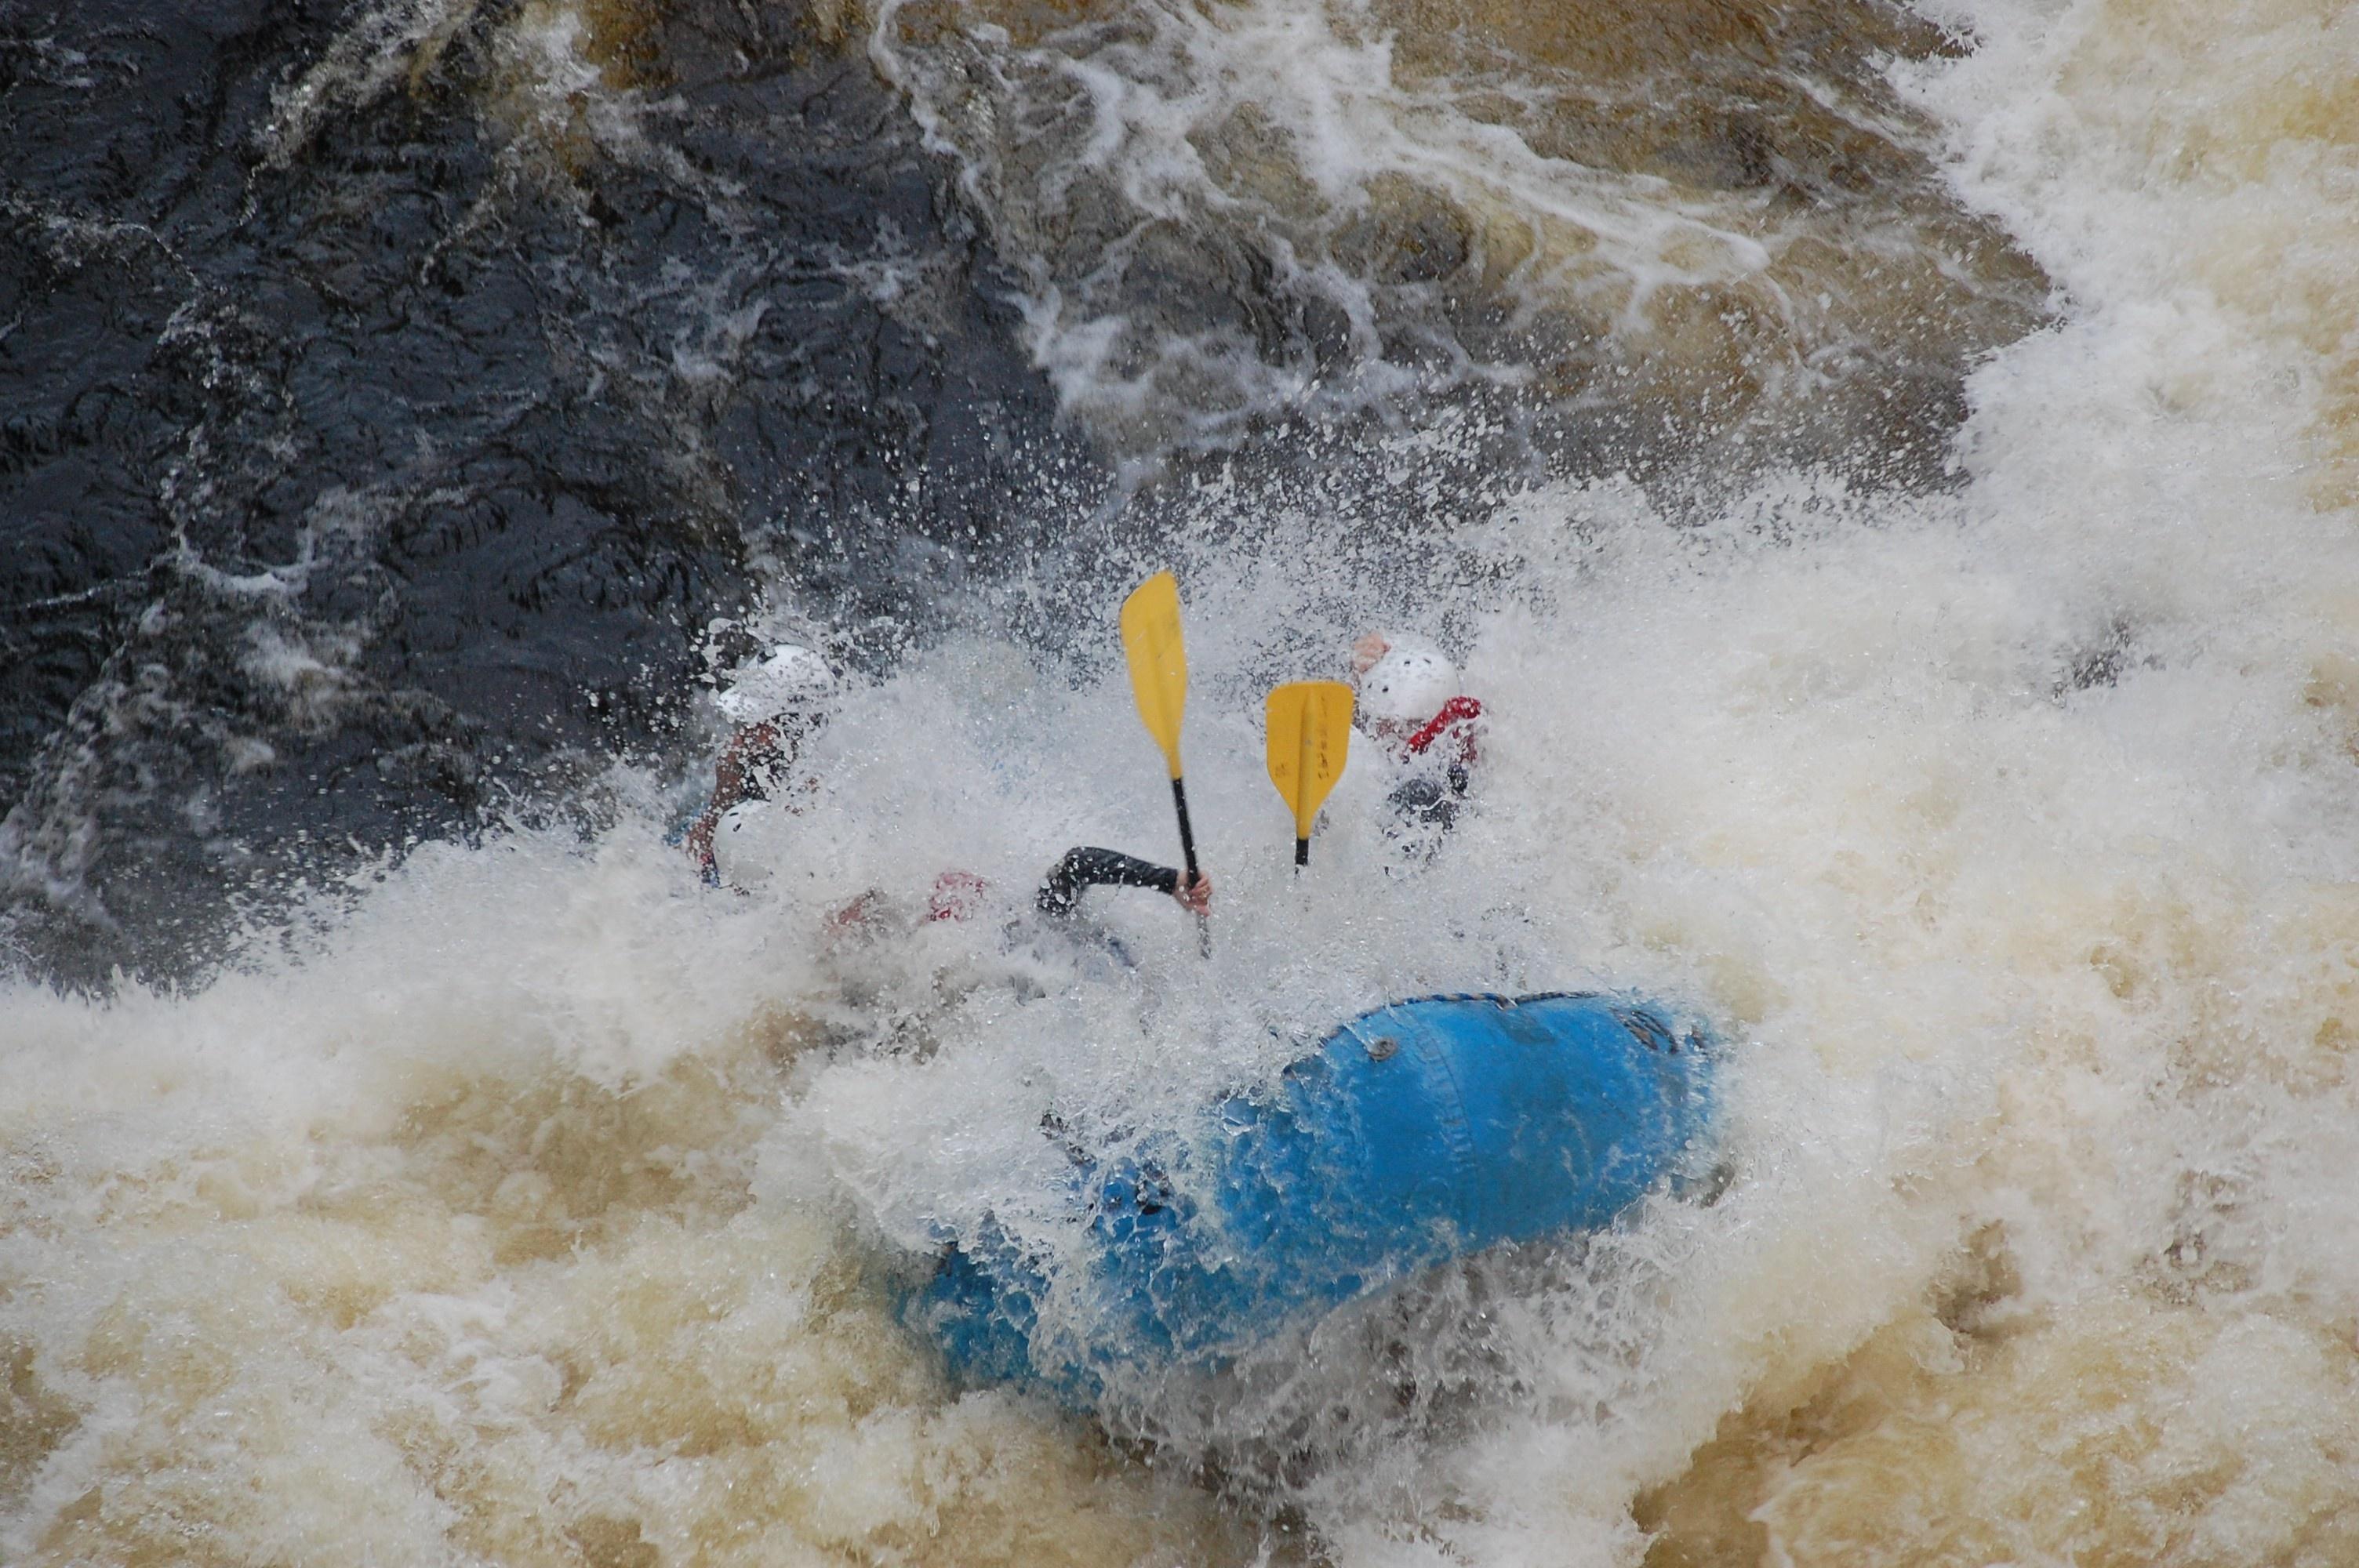 Penobscot Rafting 07/08/2017